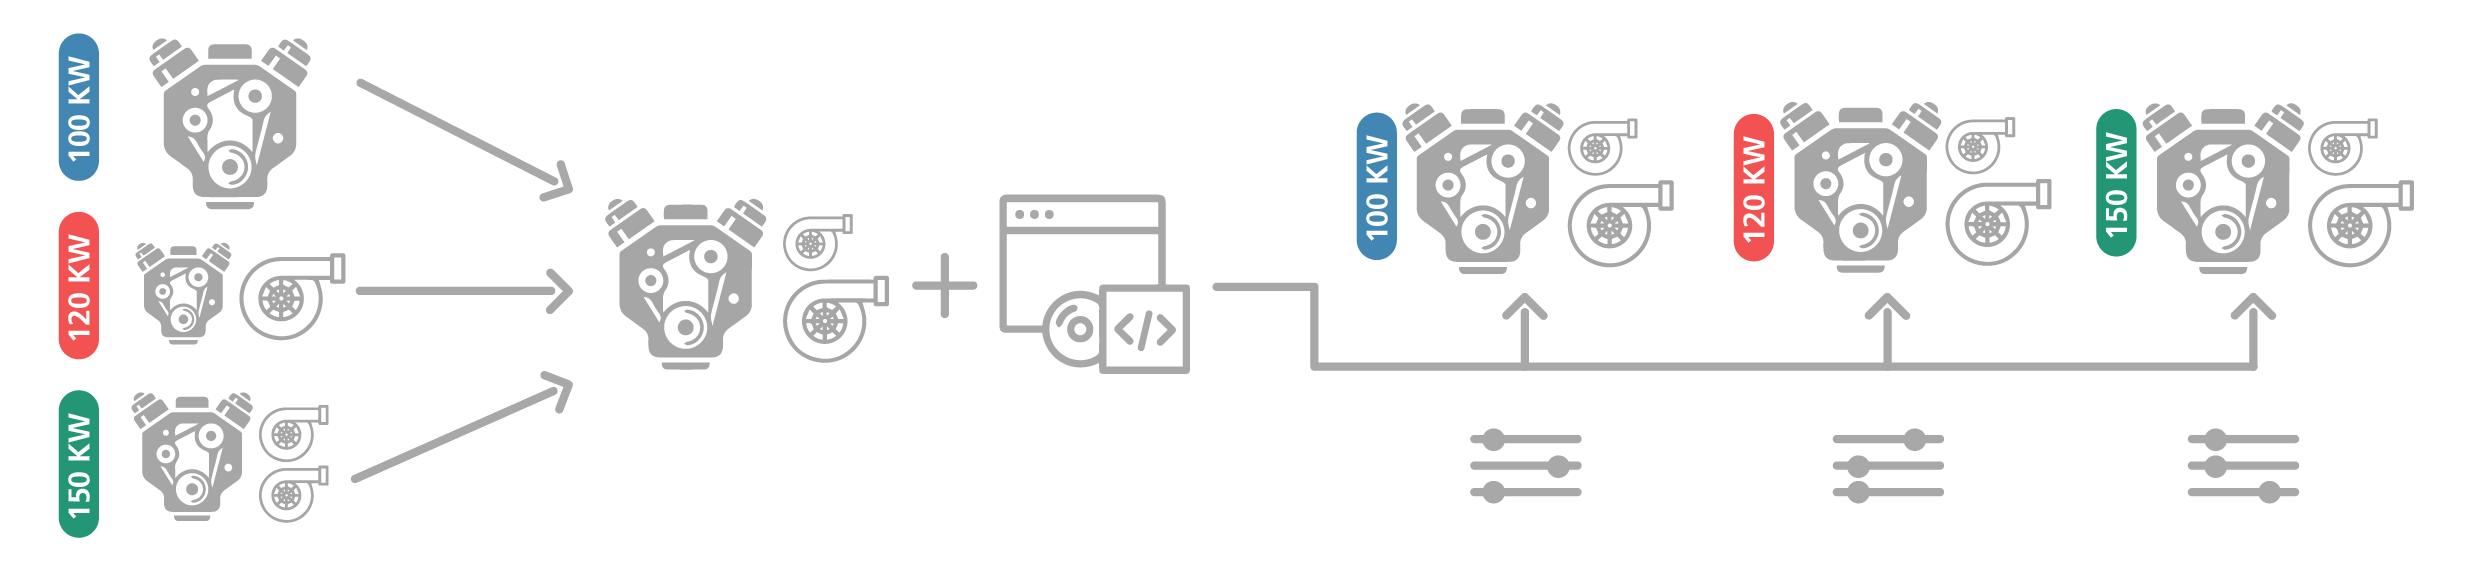 Abbildung 1: Reduktion physischer Varianten durch Virtualisierung einer Produkteigenschaft (hier: Leistung).